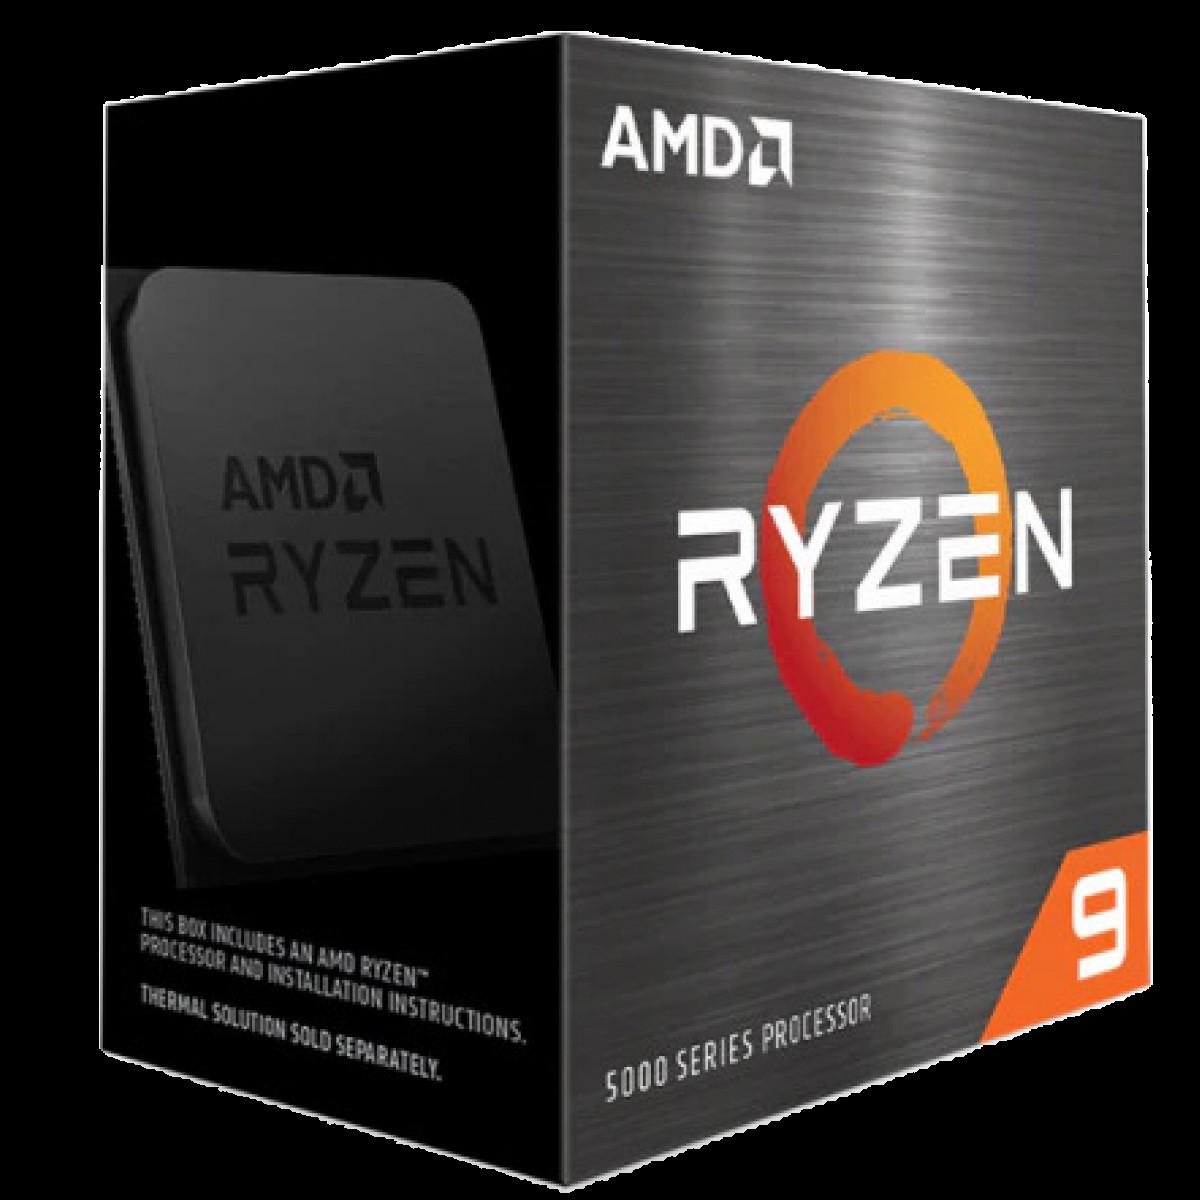 Kit Upgrade ASUS ROG STRIX Radeon RX 6700 XT + AMD Ryzen 9 5950X + Brinde Jogo Dirt 5